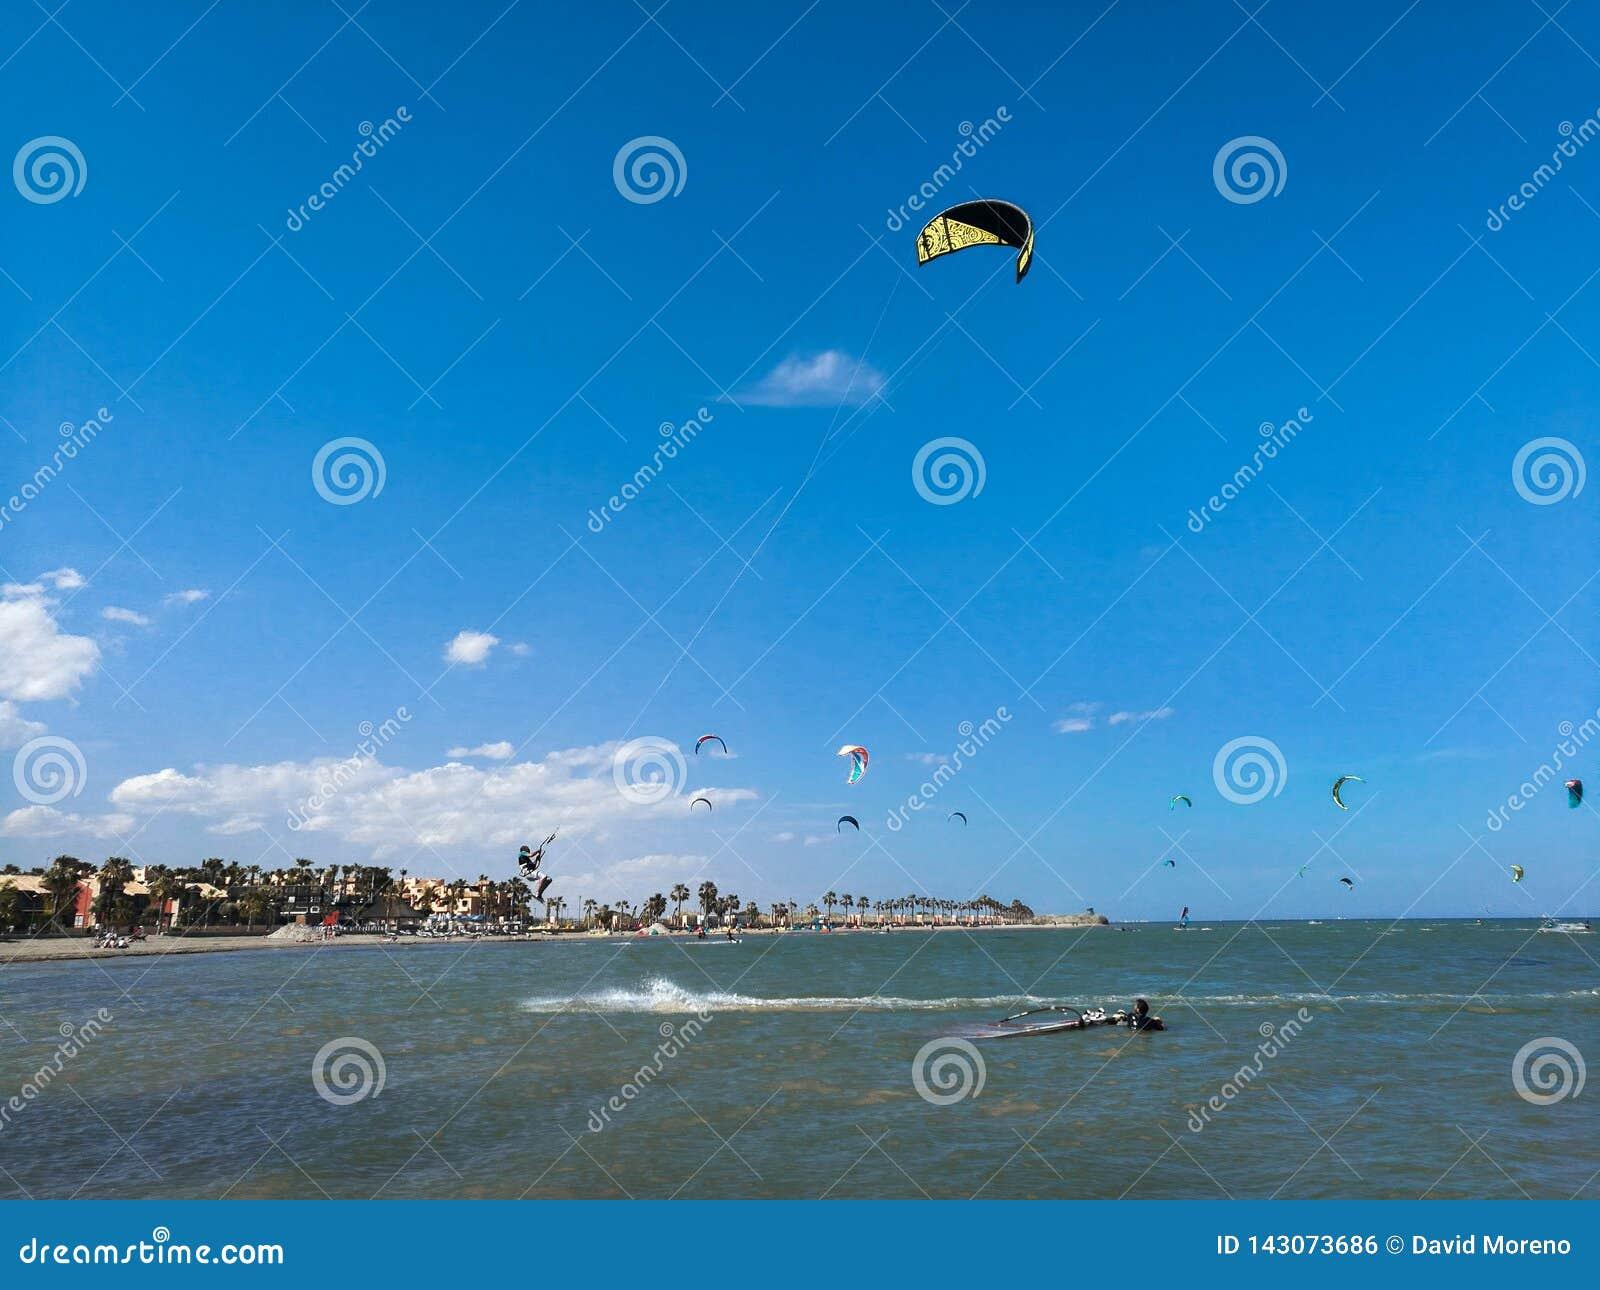 风筝搭乘运动员与风筝的飞行在起动的上流和kiteboard在天空蔚蓝、活跃体育和生活习俗用西班牙语